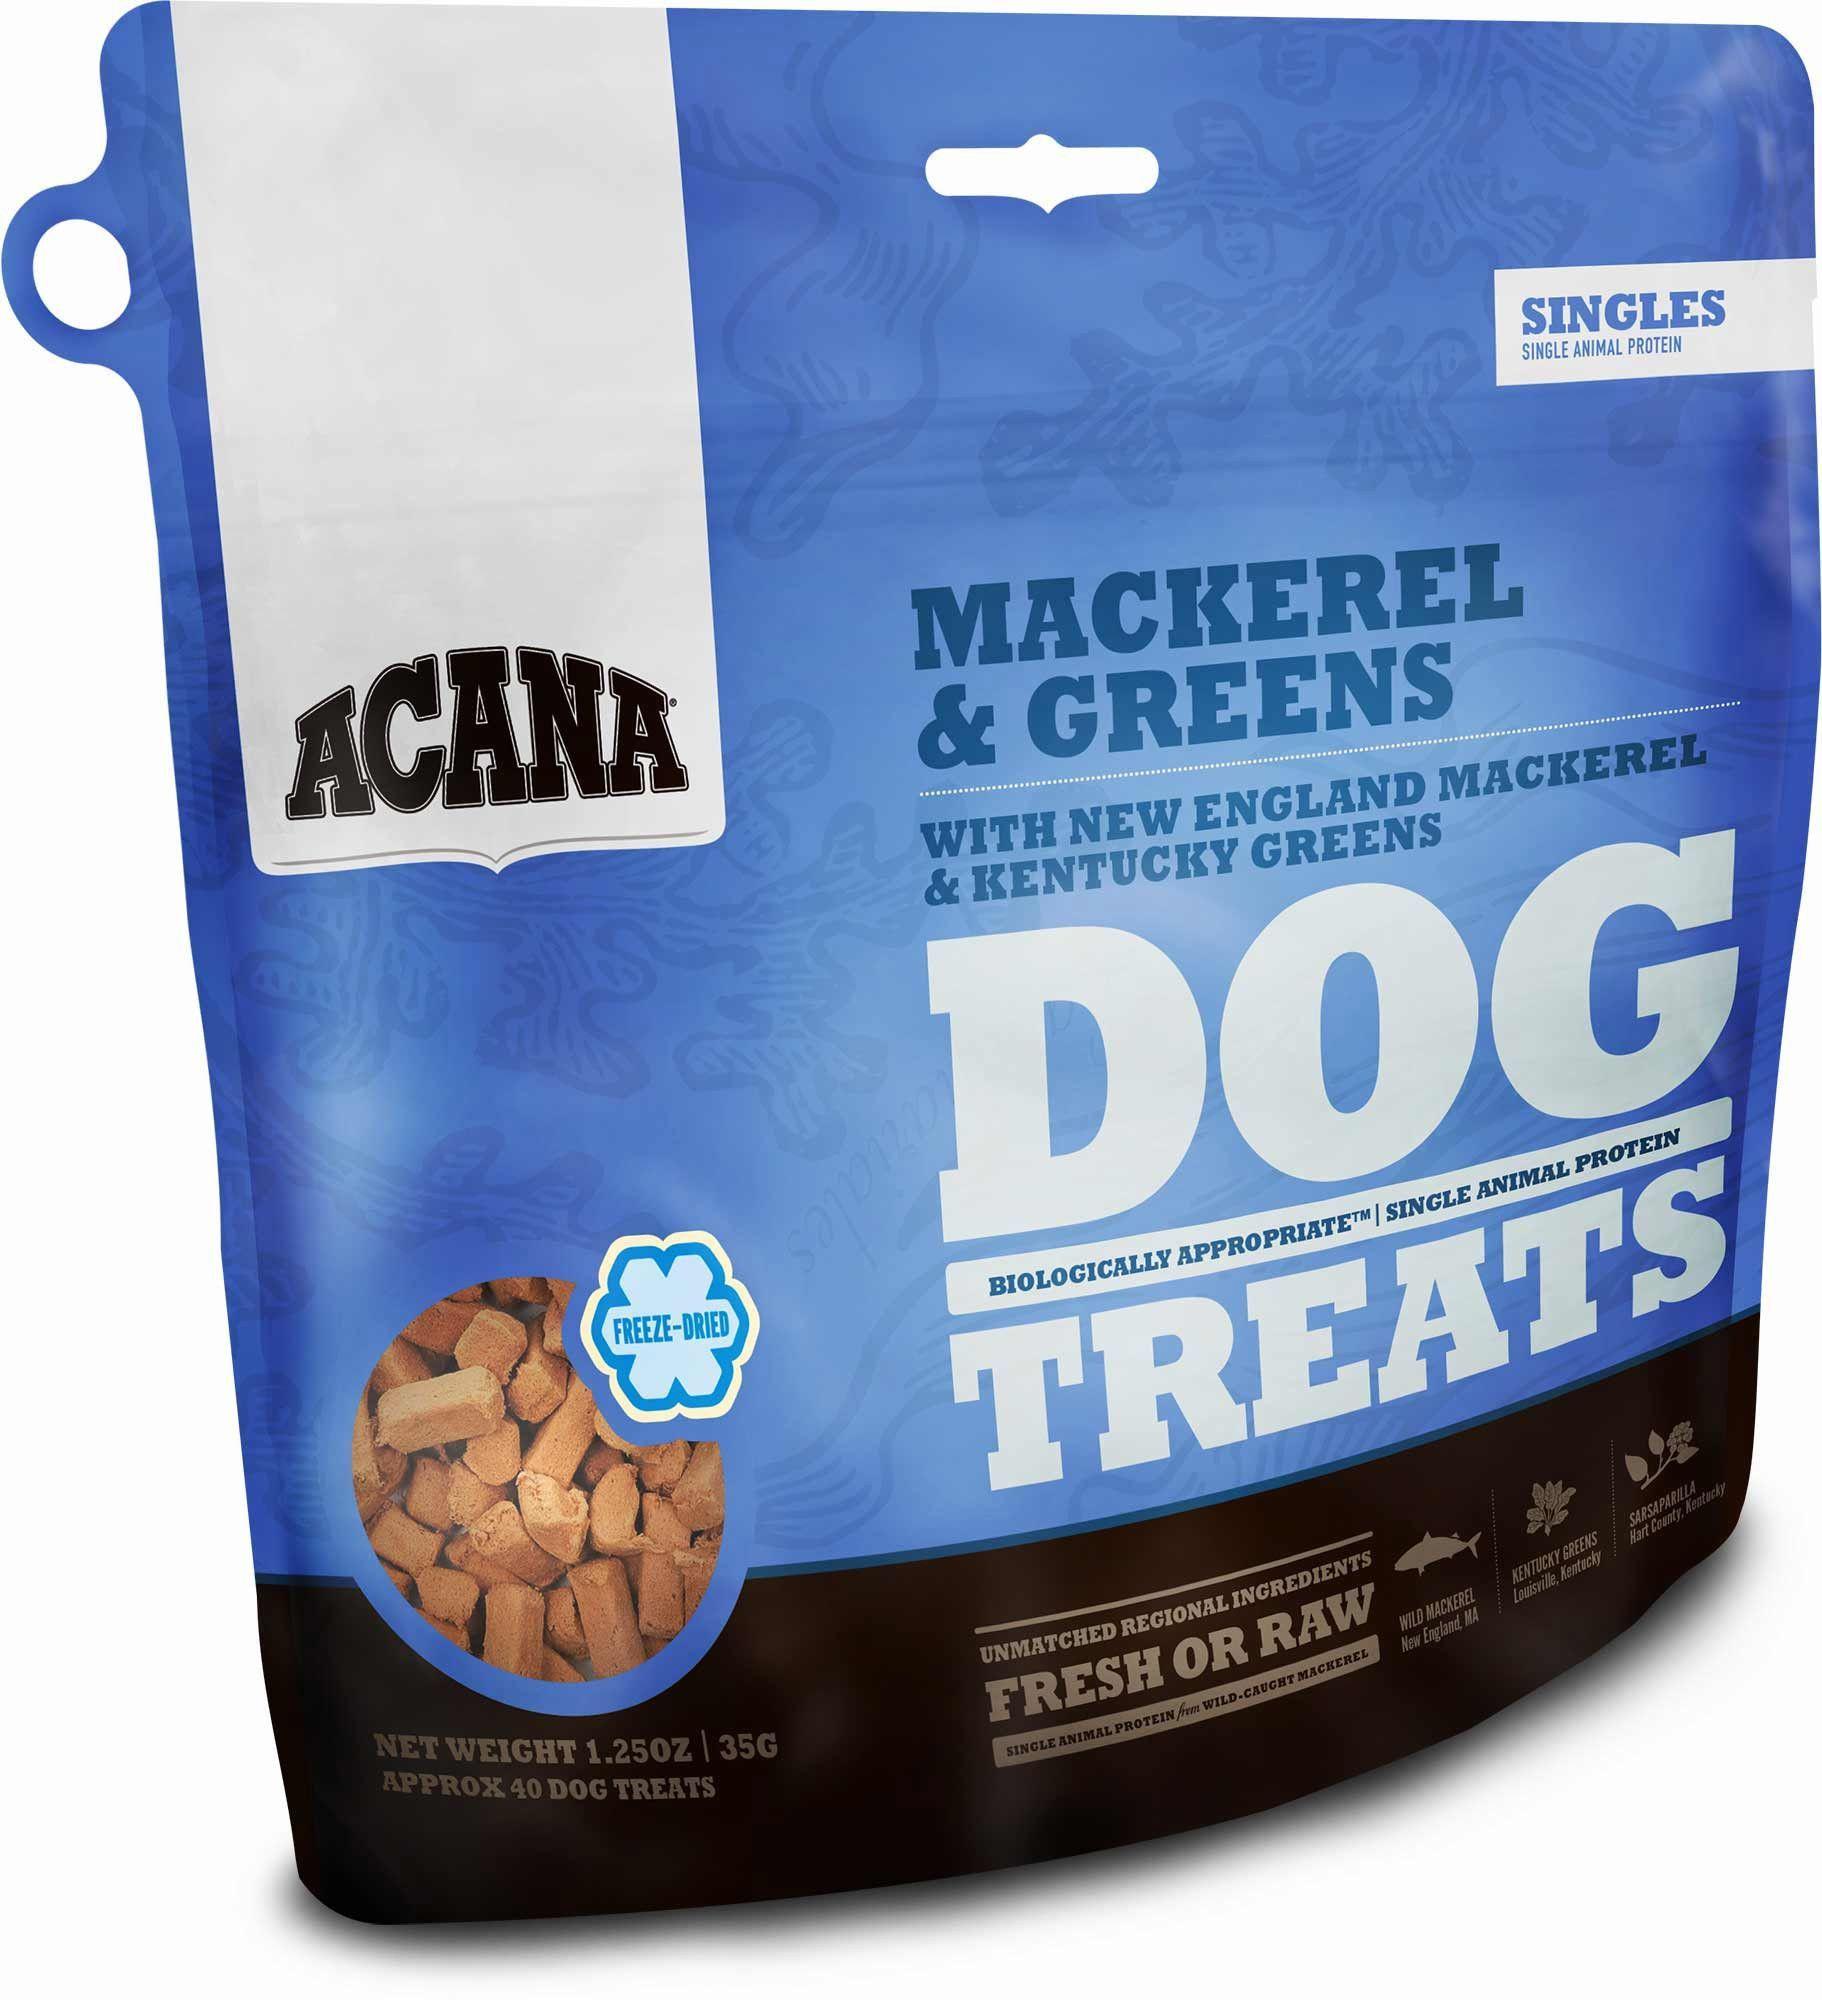 Acana singles mackerel greens treats dog treats dog